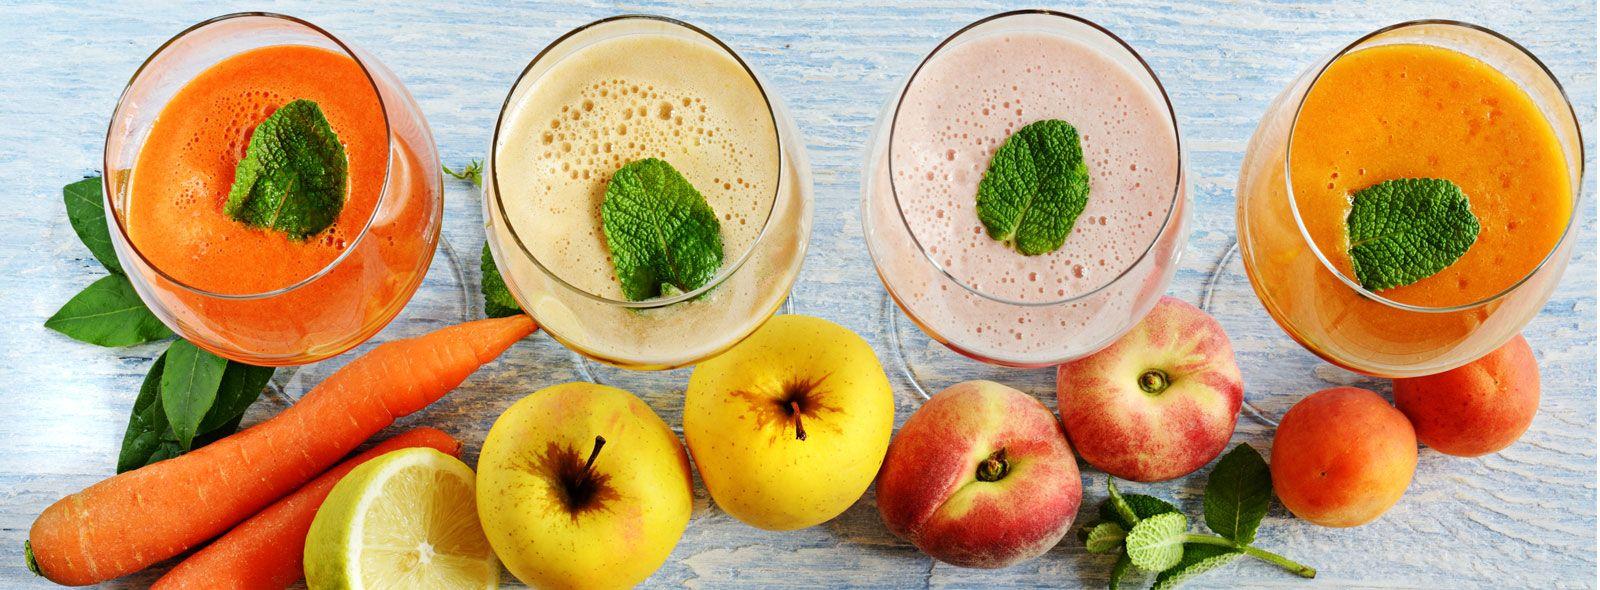 Centrifugati di frutta e verdura